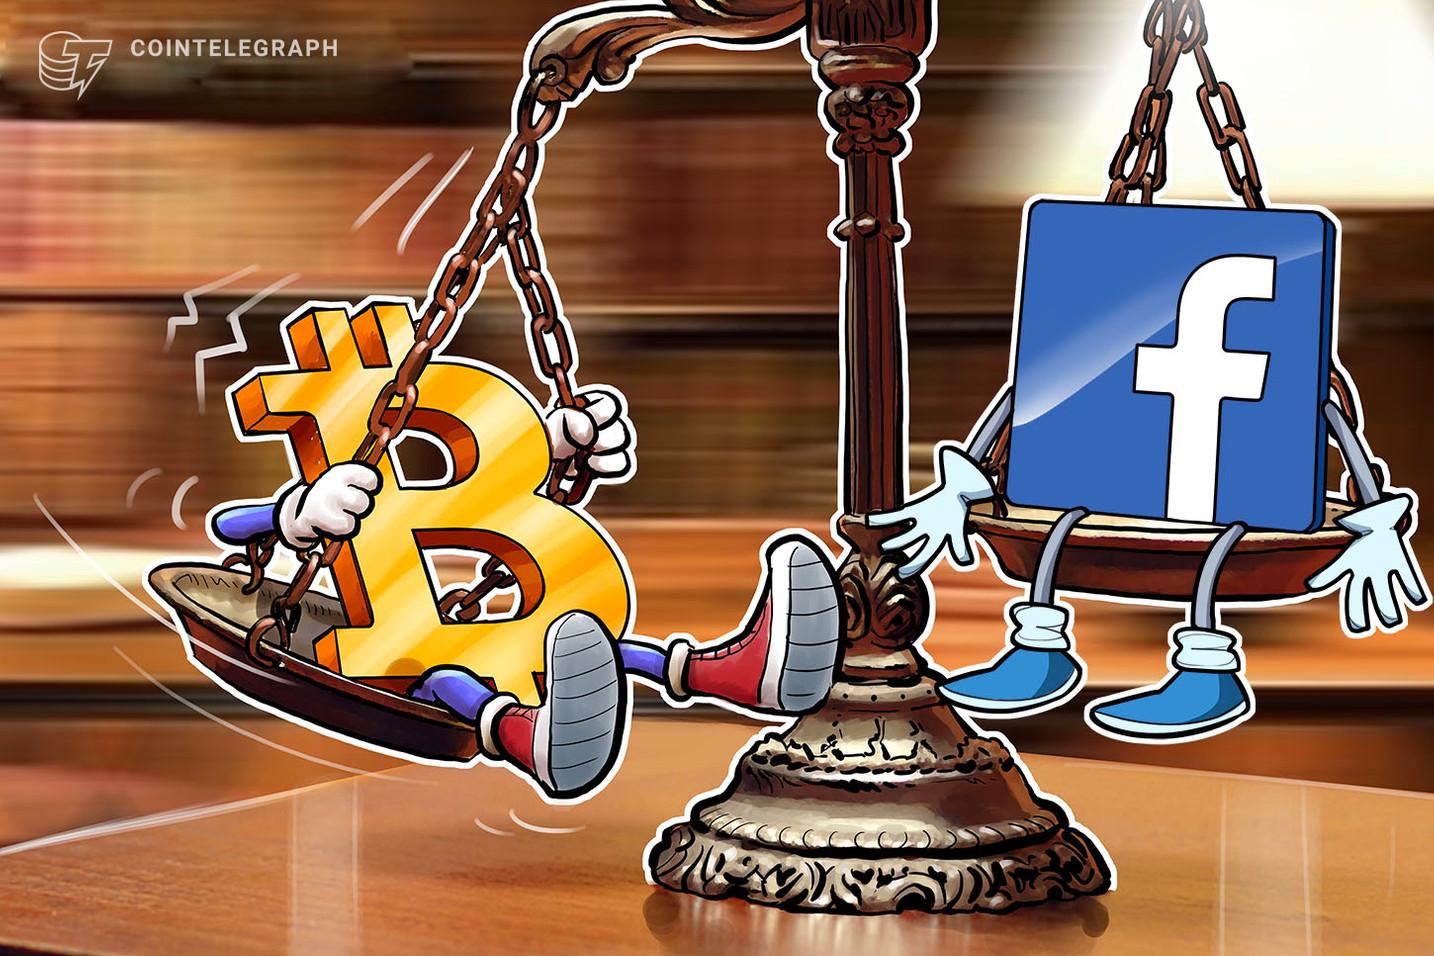 Não, não é o Facebook: o preço do Bitcoin já subiu 200% em 2019 antes do Libra